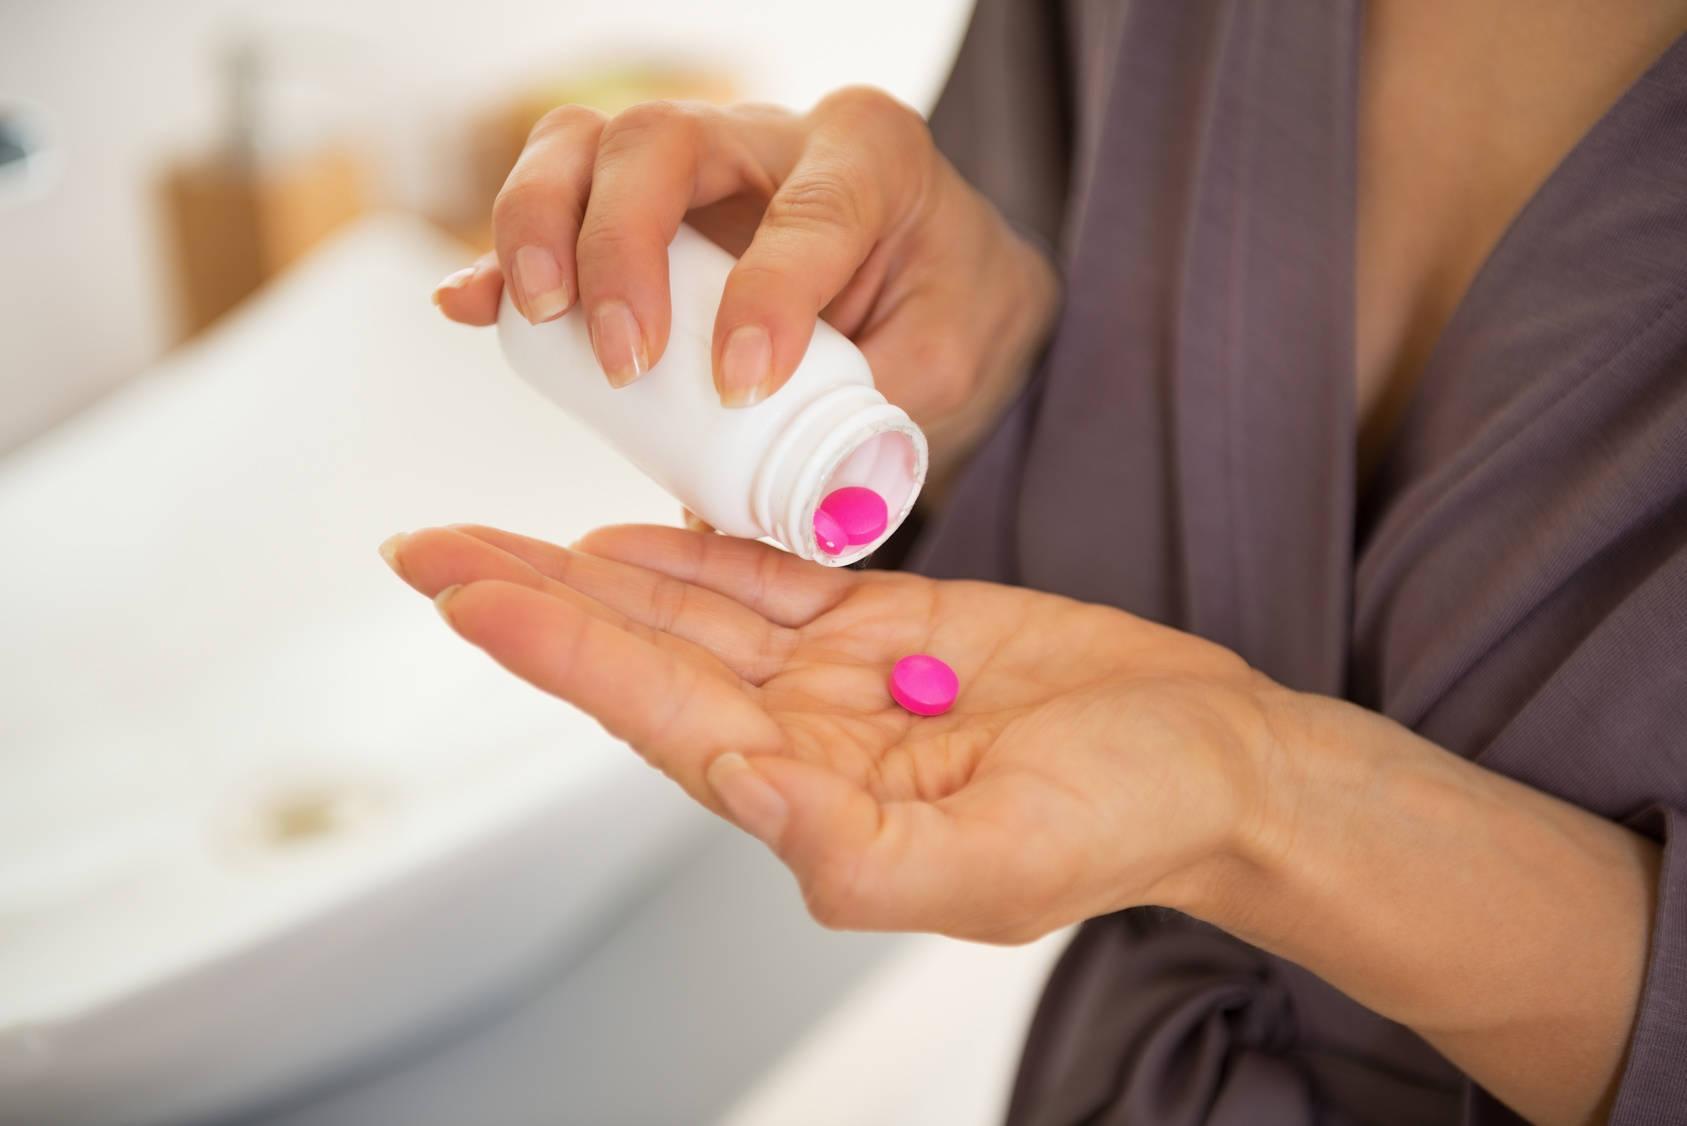 Фото - от чего помогают таблетки ципролет